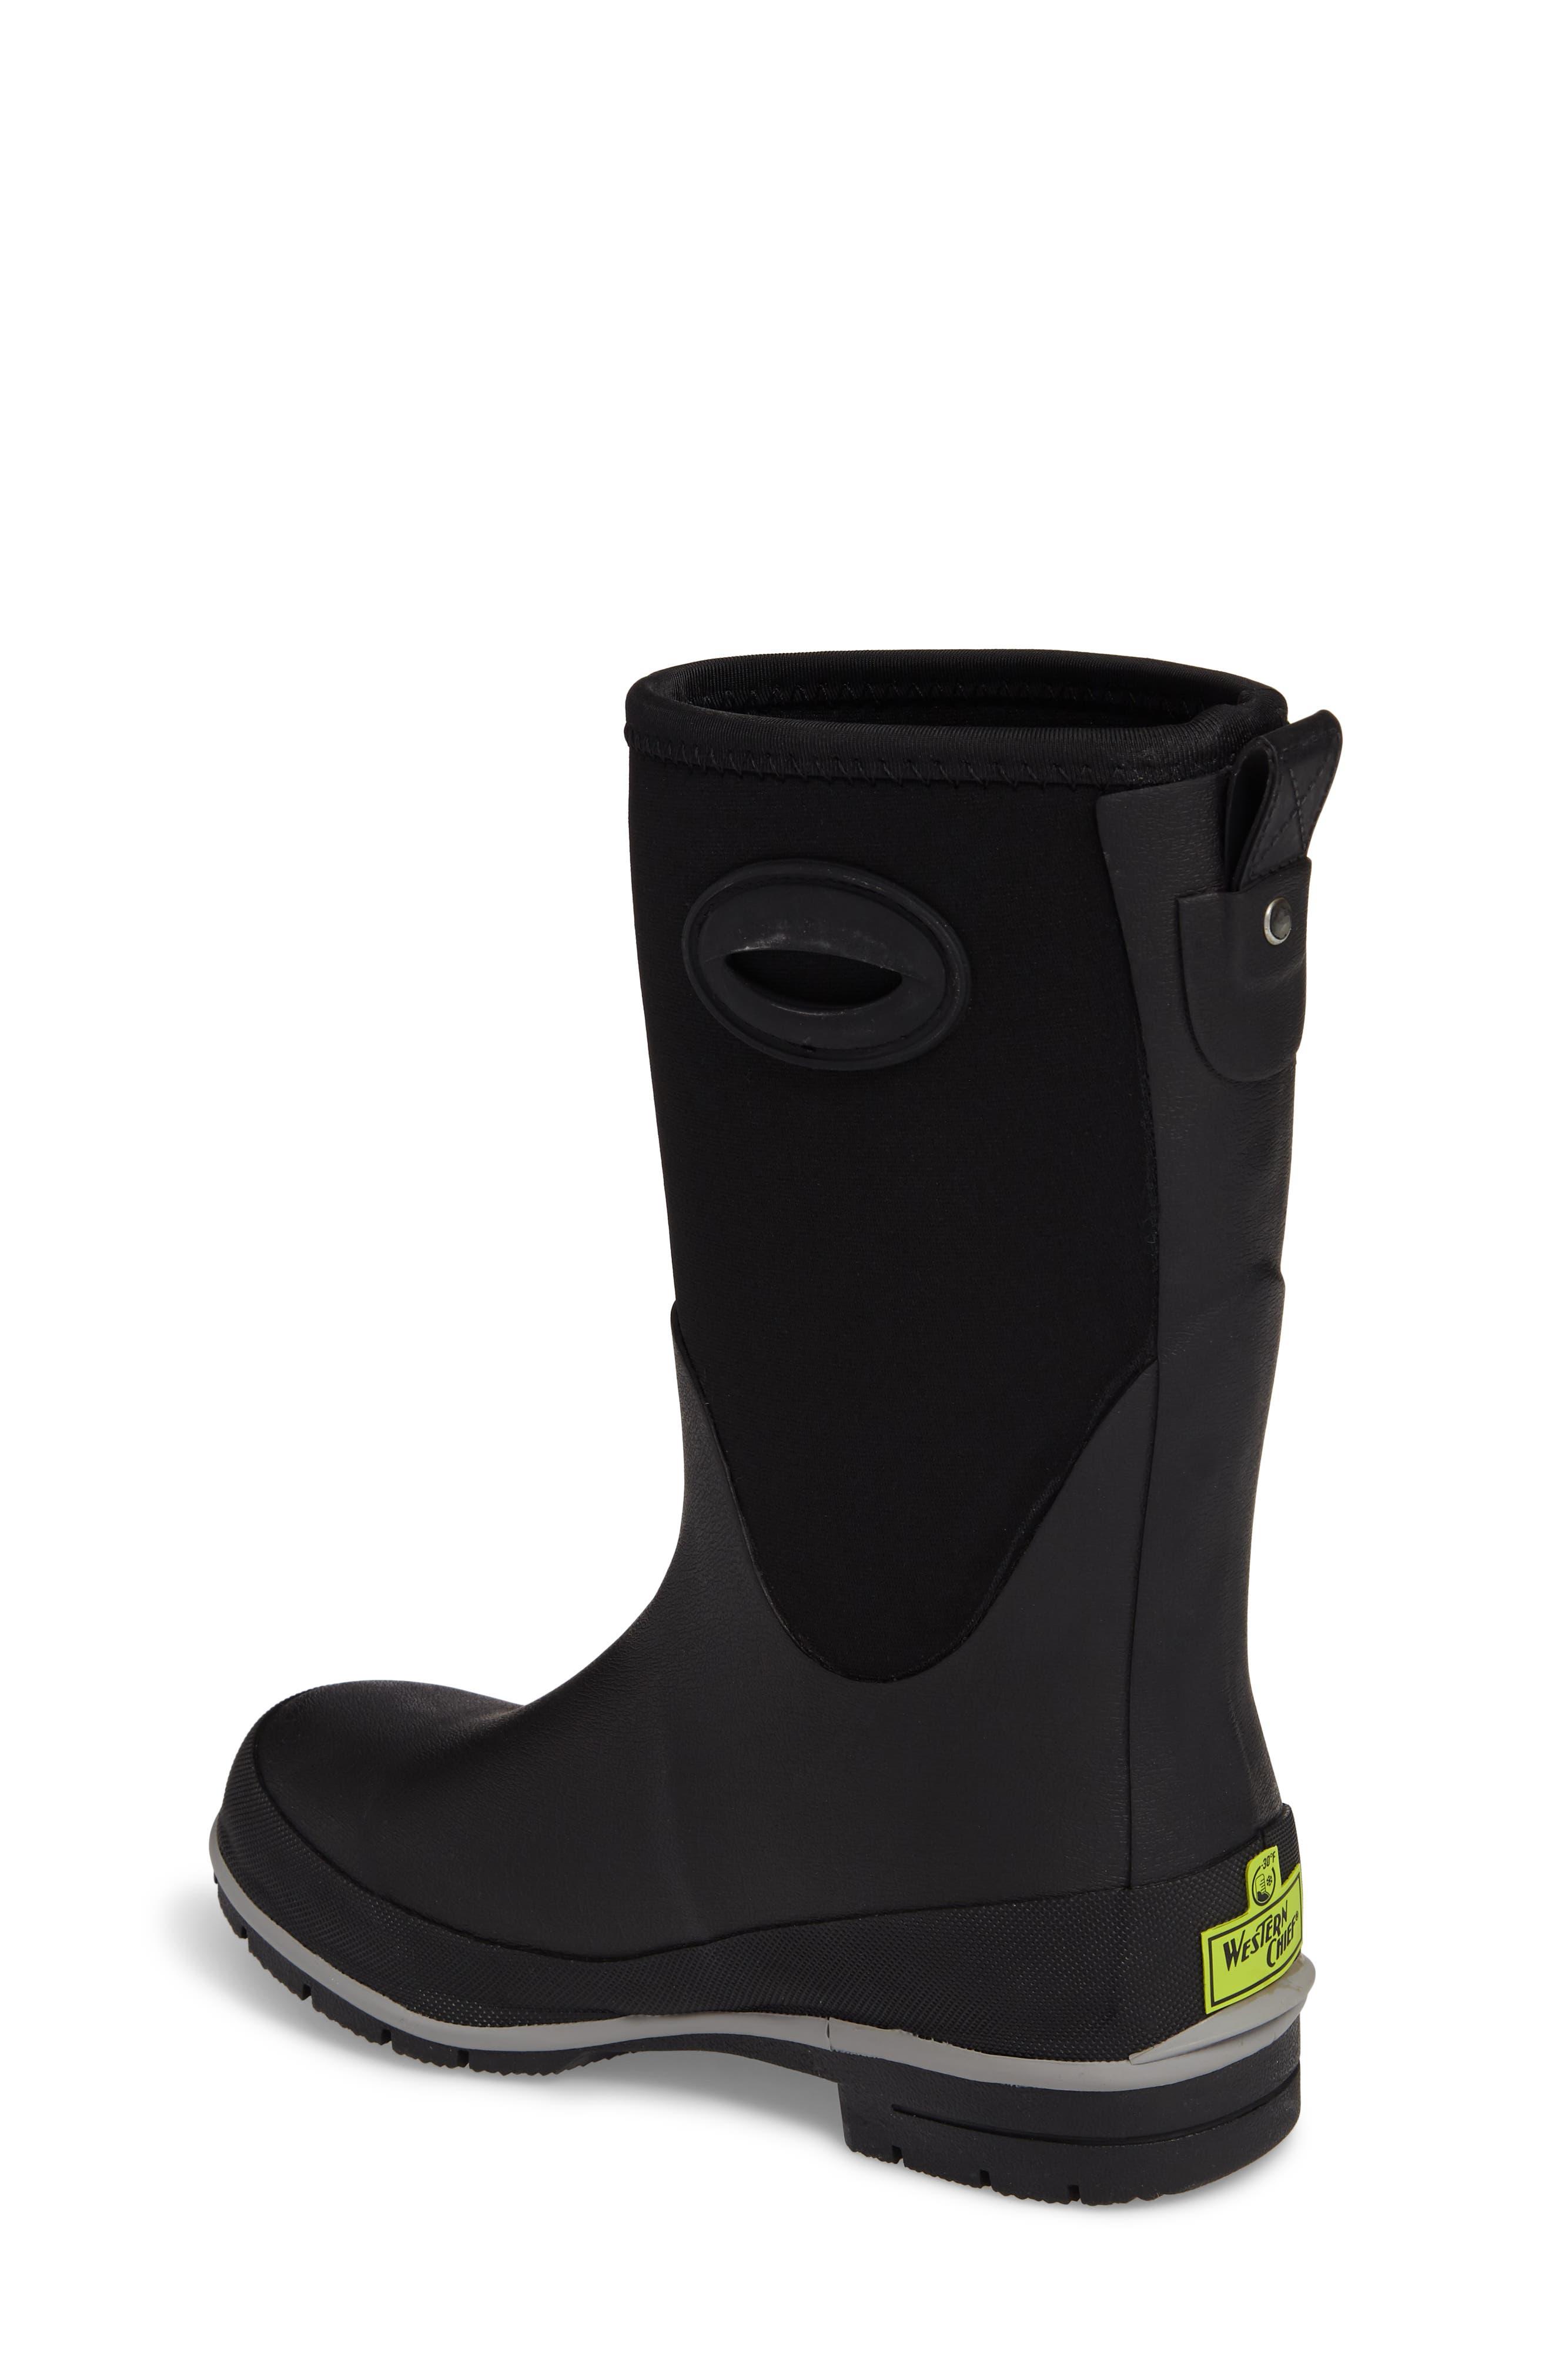 Neoprene Insulated Boot,                             Alternate thumbnail 2, color,                             Black